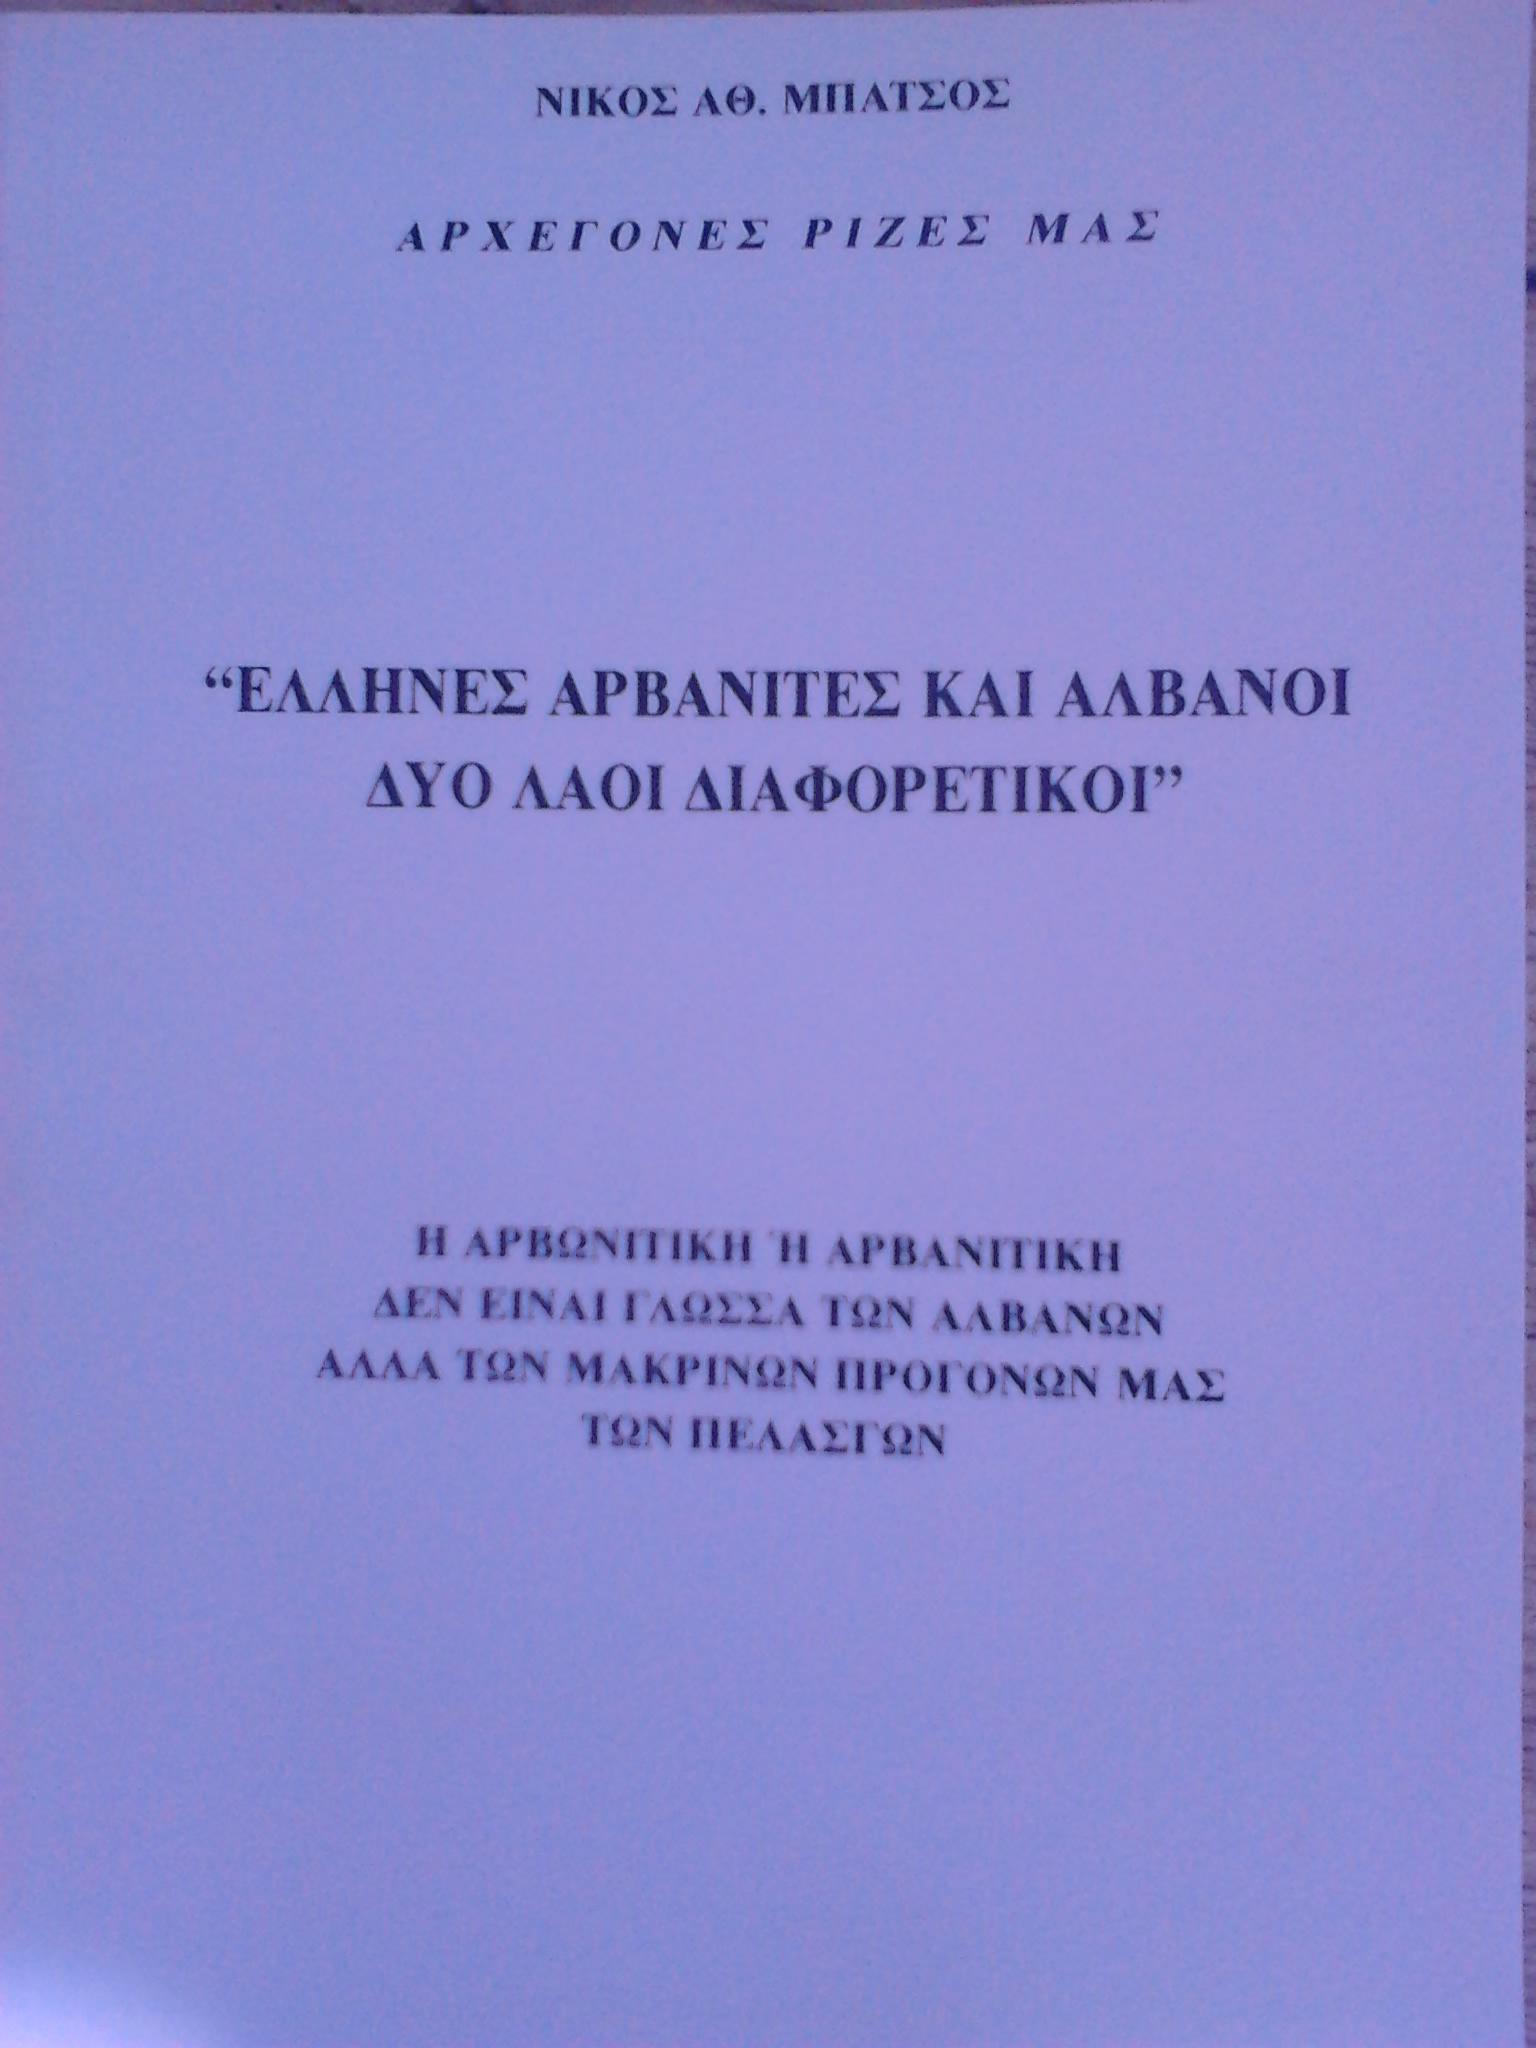 Ἀπάντησις στοὺς διαστρεβλωτὲς τῆς ἱστορίας μας - Ἀρβανίτες.2